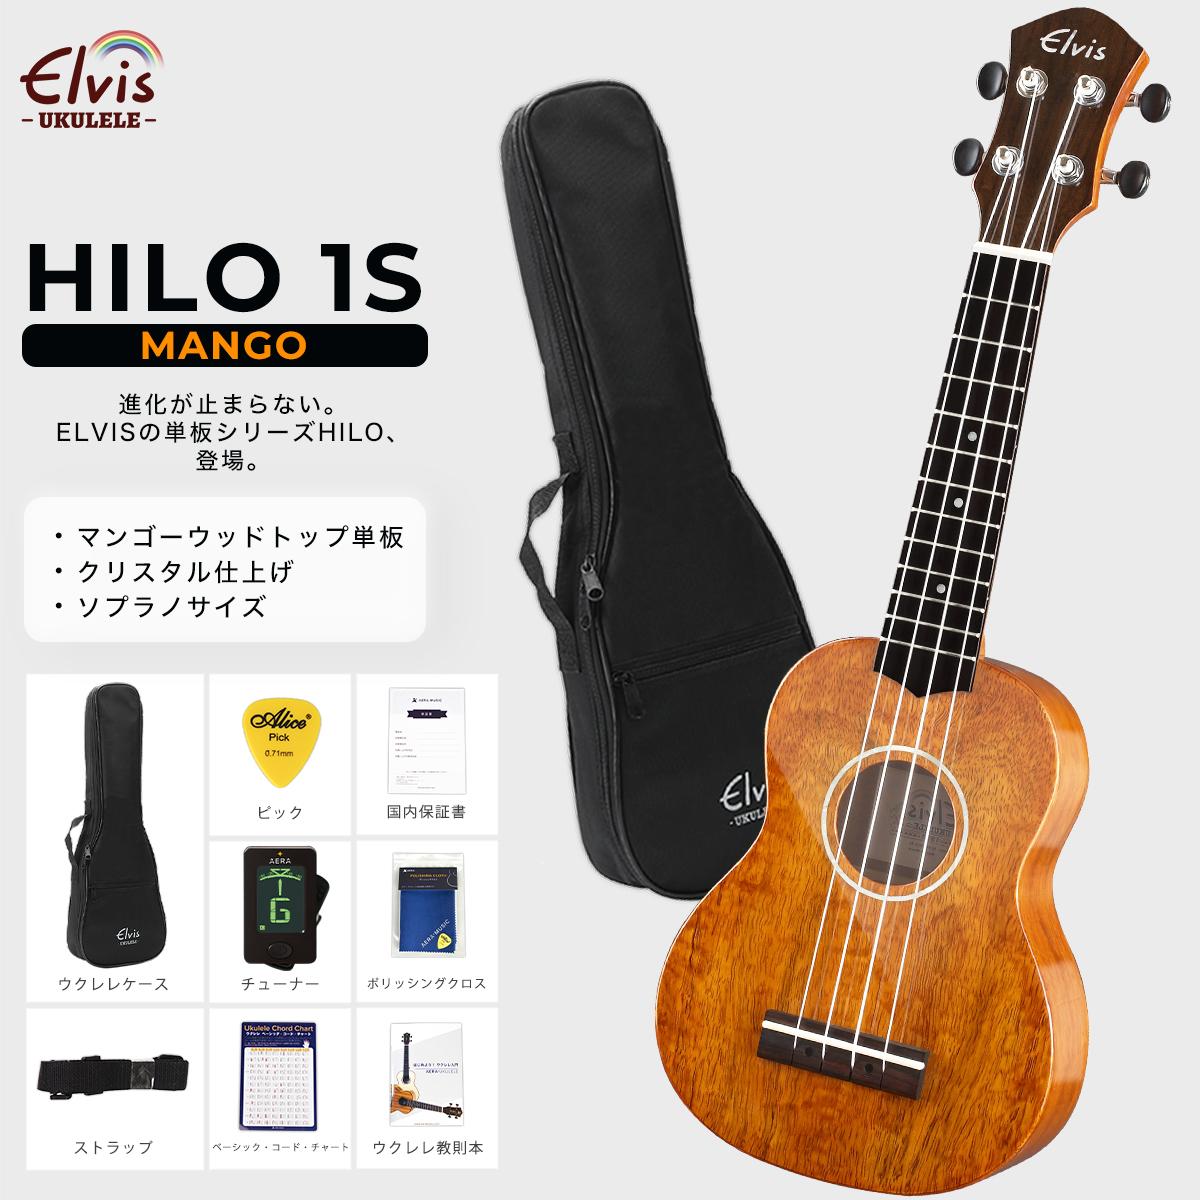 送料無料 圧倒的なシェアを誇るELVISウクレレ 癒しの音色と一緒に笑顔をお届けします 初心者でも安心 豊かな音量と 明るい音色は同価格帯のウクレレではイチバン ELVISエルビス Hilo 1s ソプラノウクレレ マンゴーウッド トップ単板 高級感あるグロス仕上げ コードチャート Hilo1s-mango ピック 美木目 付属品:国内保証書 18%OFF 教則本 検品後発送で安心 ブランド激安セール会場 チューナー ストラップ ケース ポリシングクロース 光沢あり